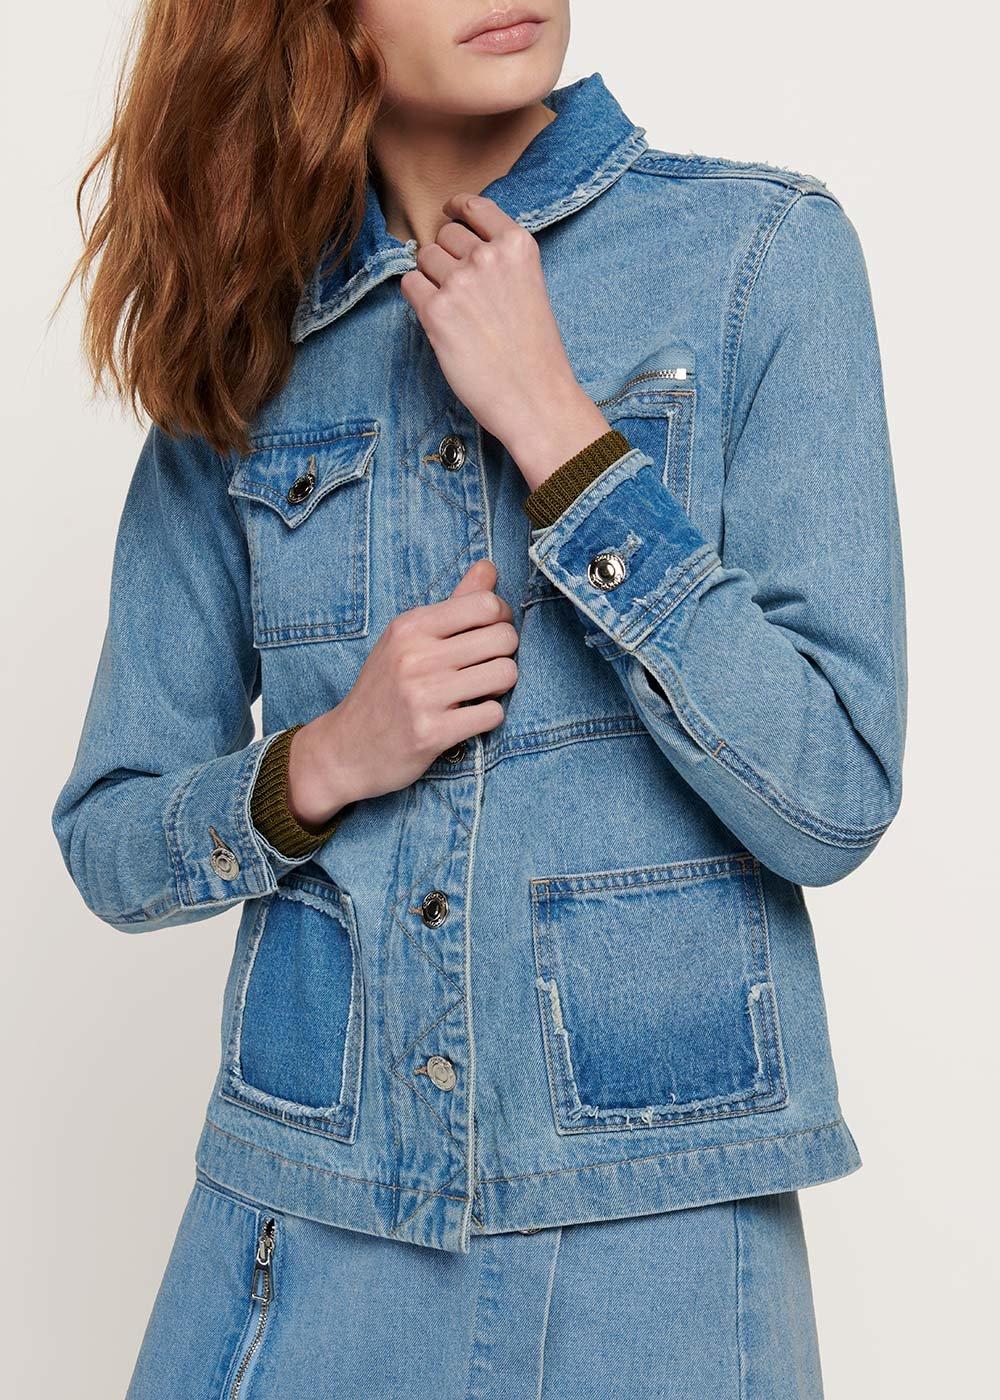 Gyl denim jacket with double pockets - Light Denim - Woman